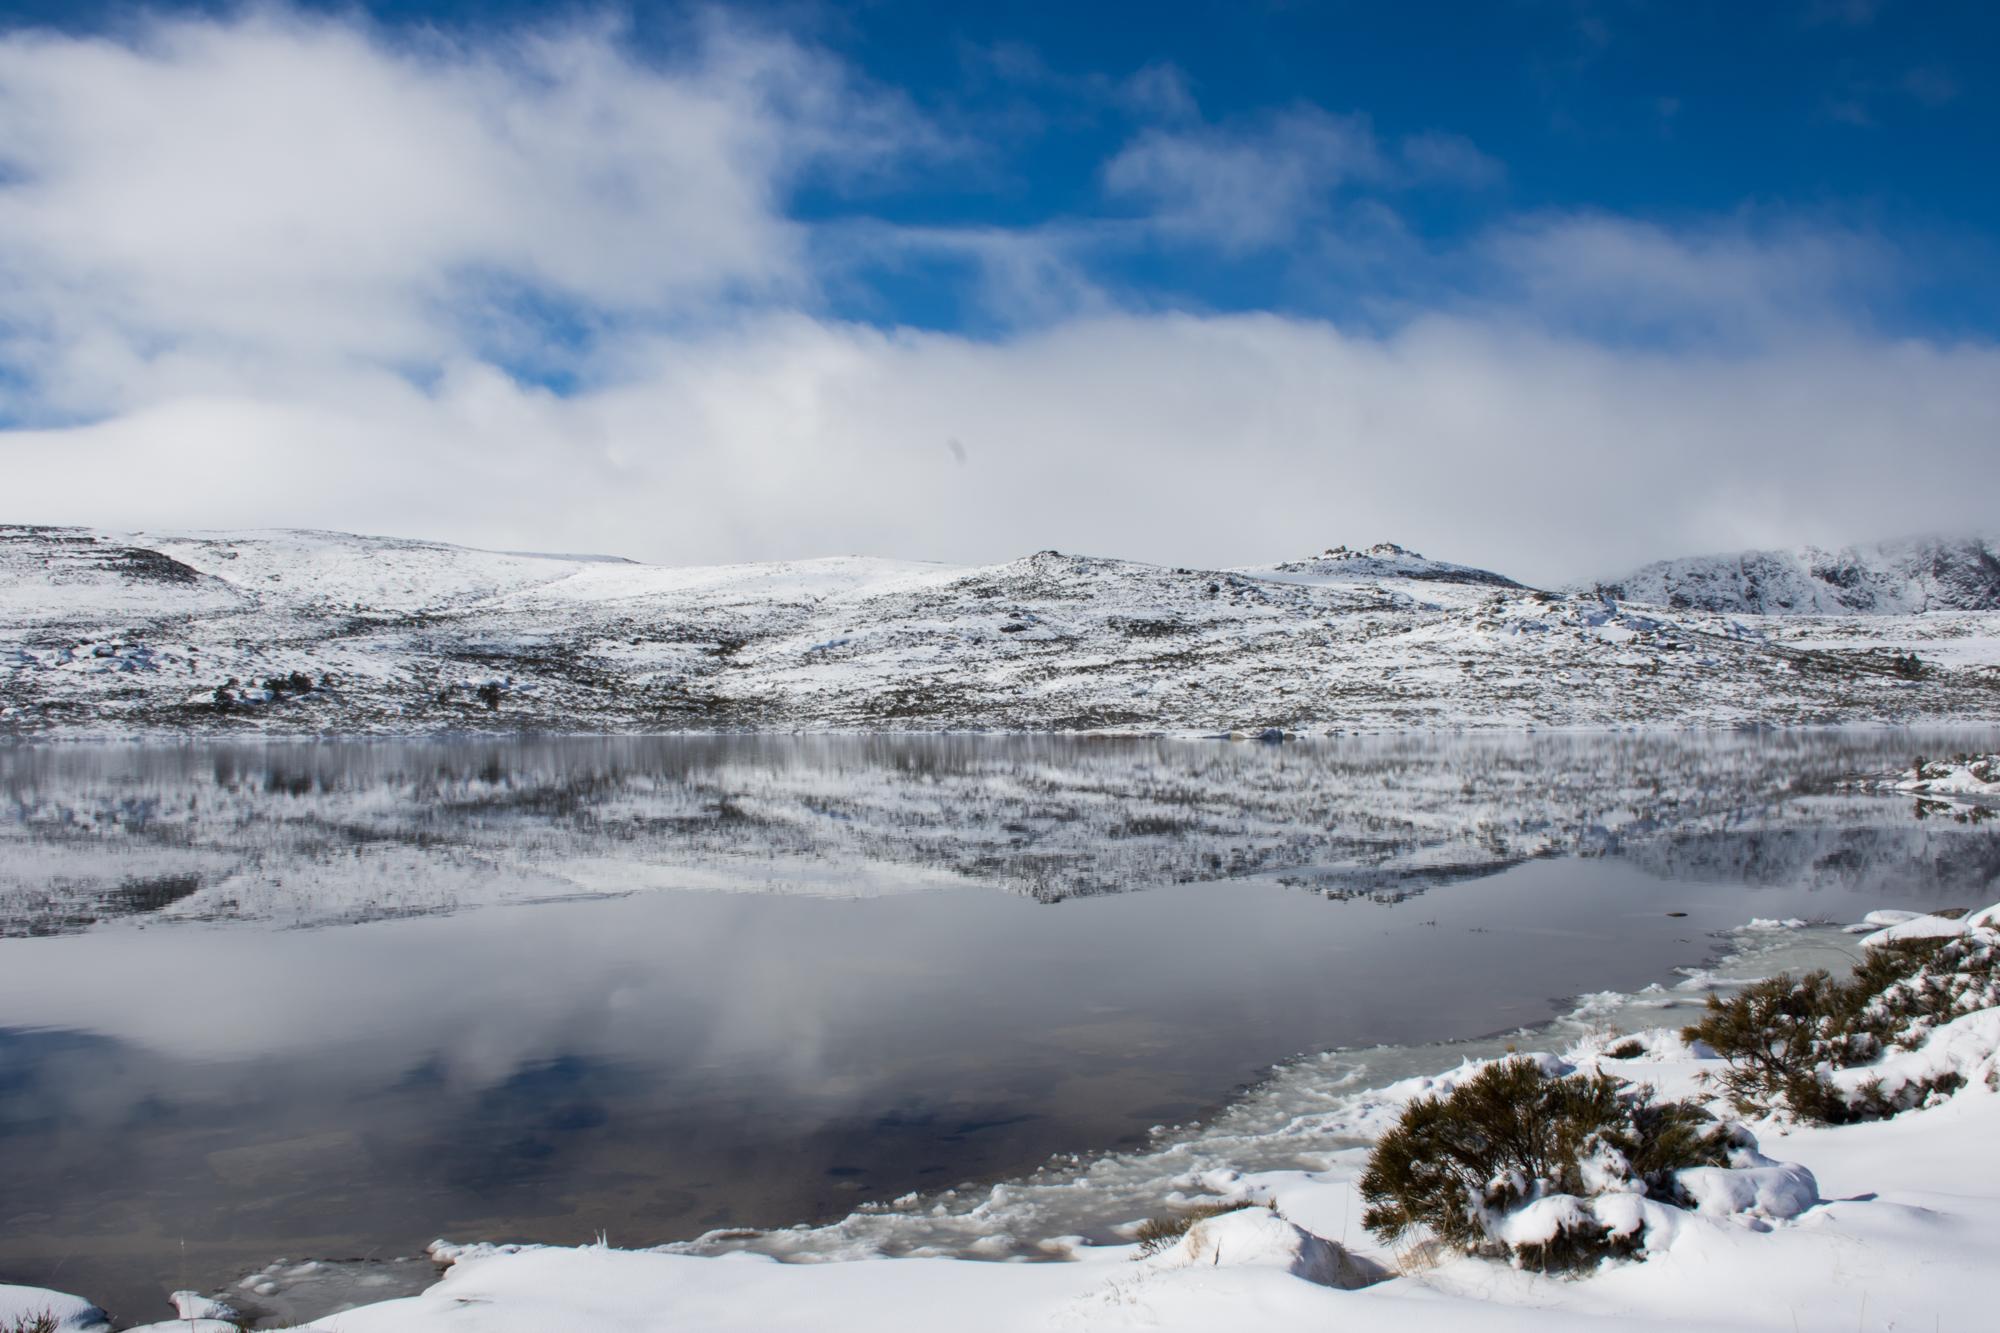 2015-01-18 Barragem Viriato com neve (14)